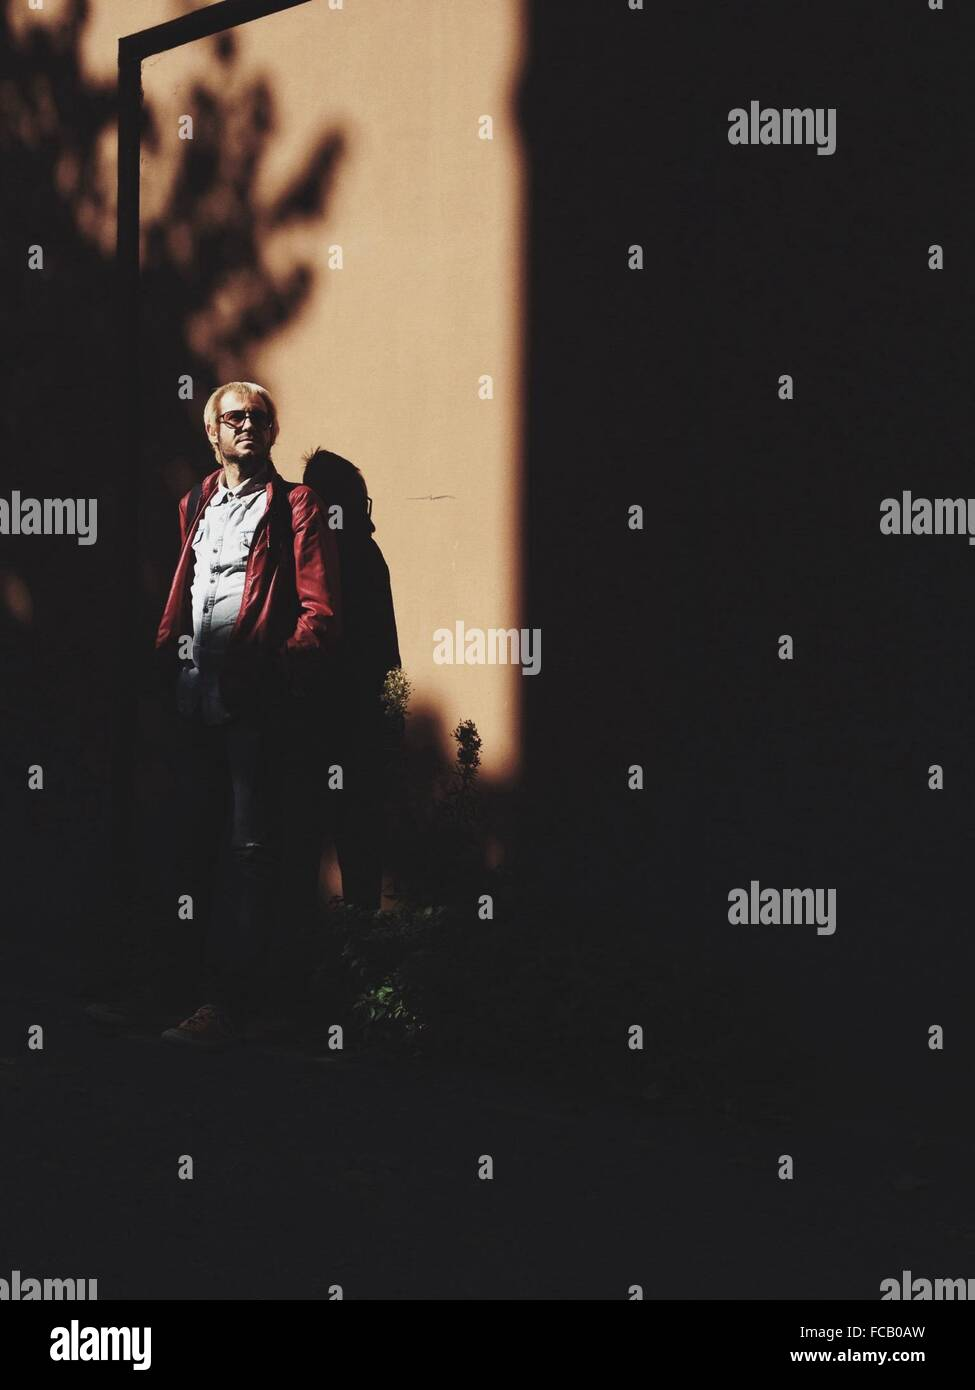 La longitud total del hombre de pie en la calle Imagen De Stock